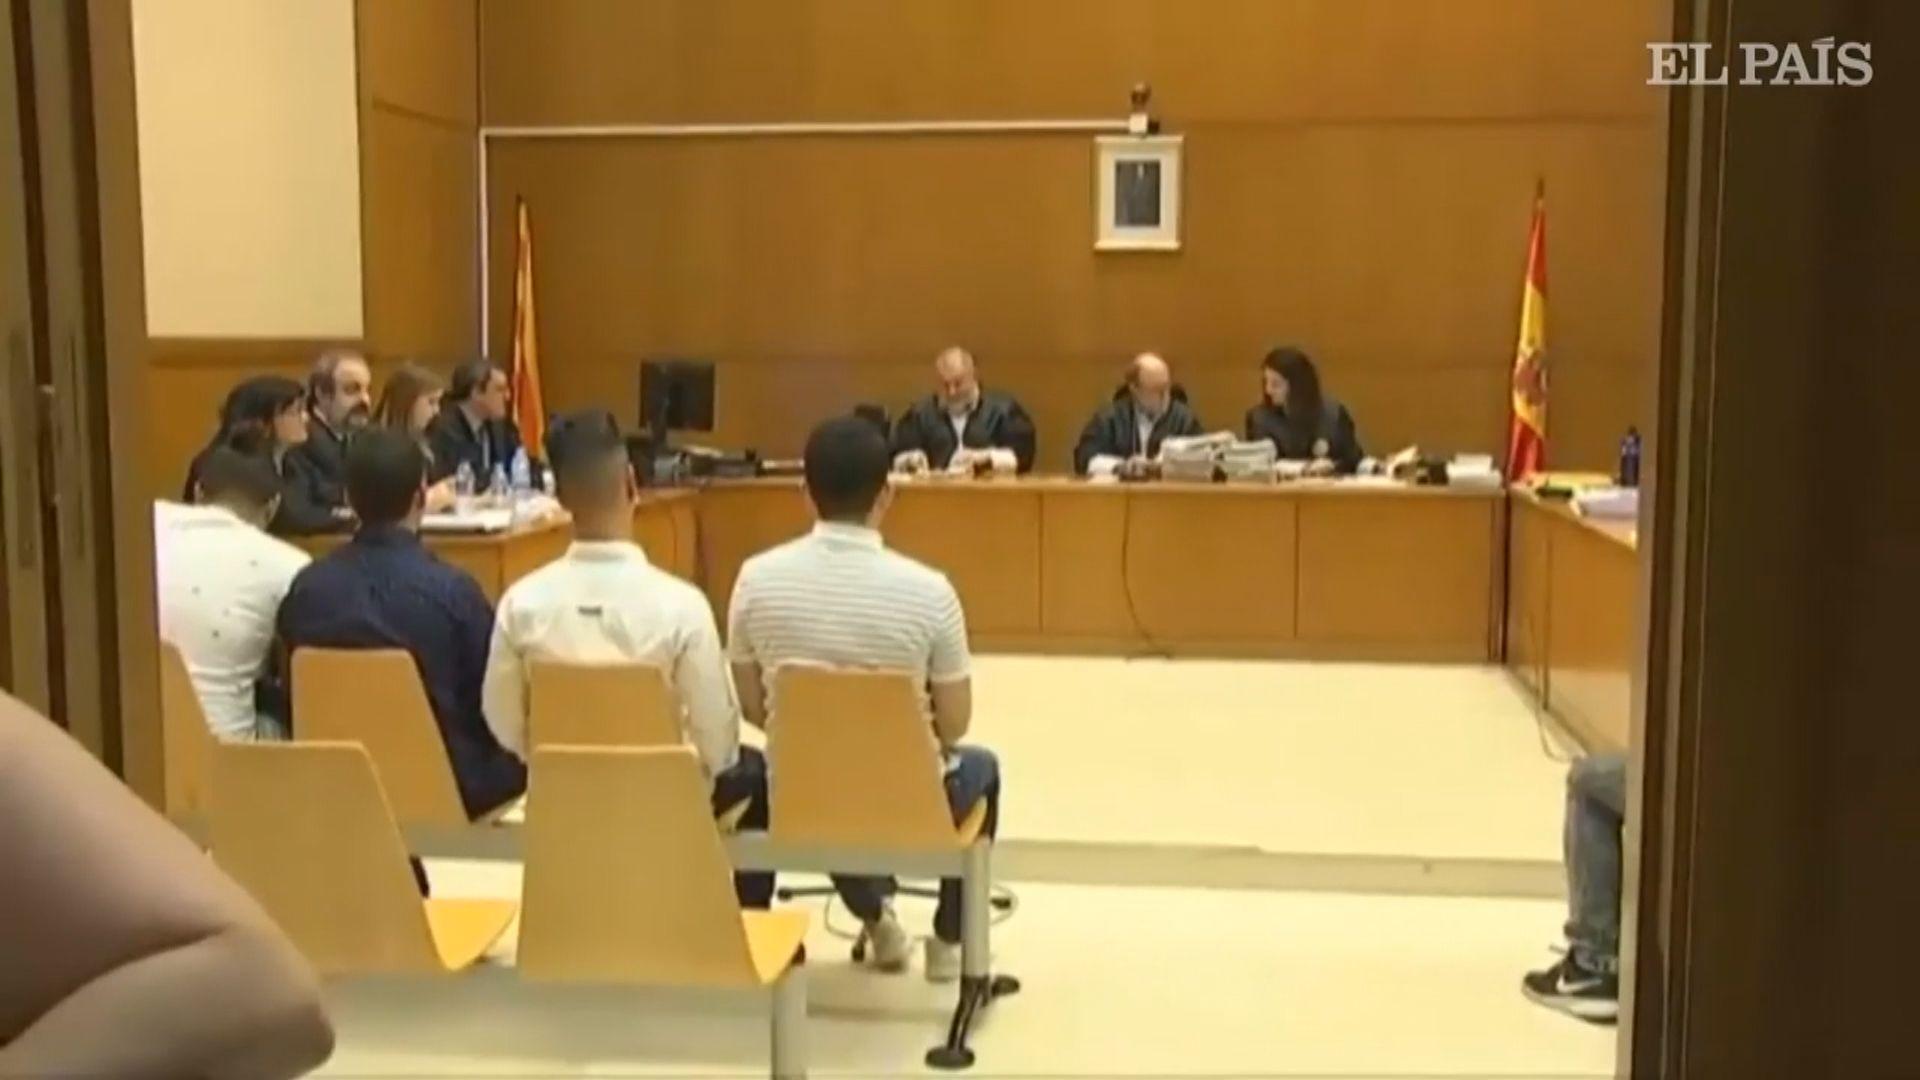 西班牙性侵案五被告強姦罪不成立惹爭議